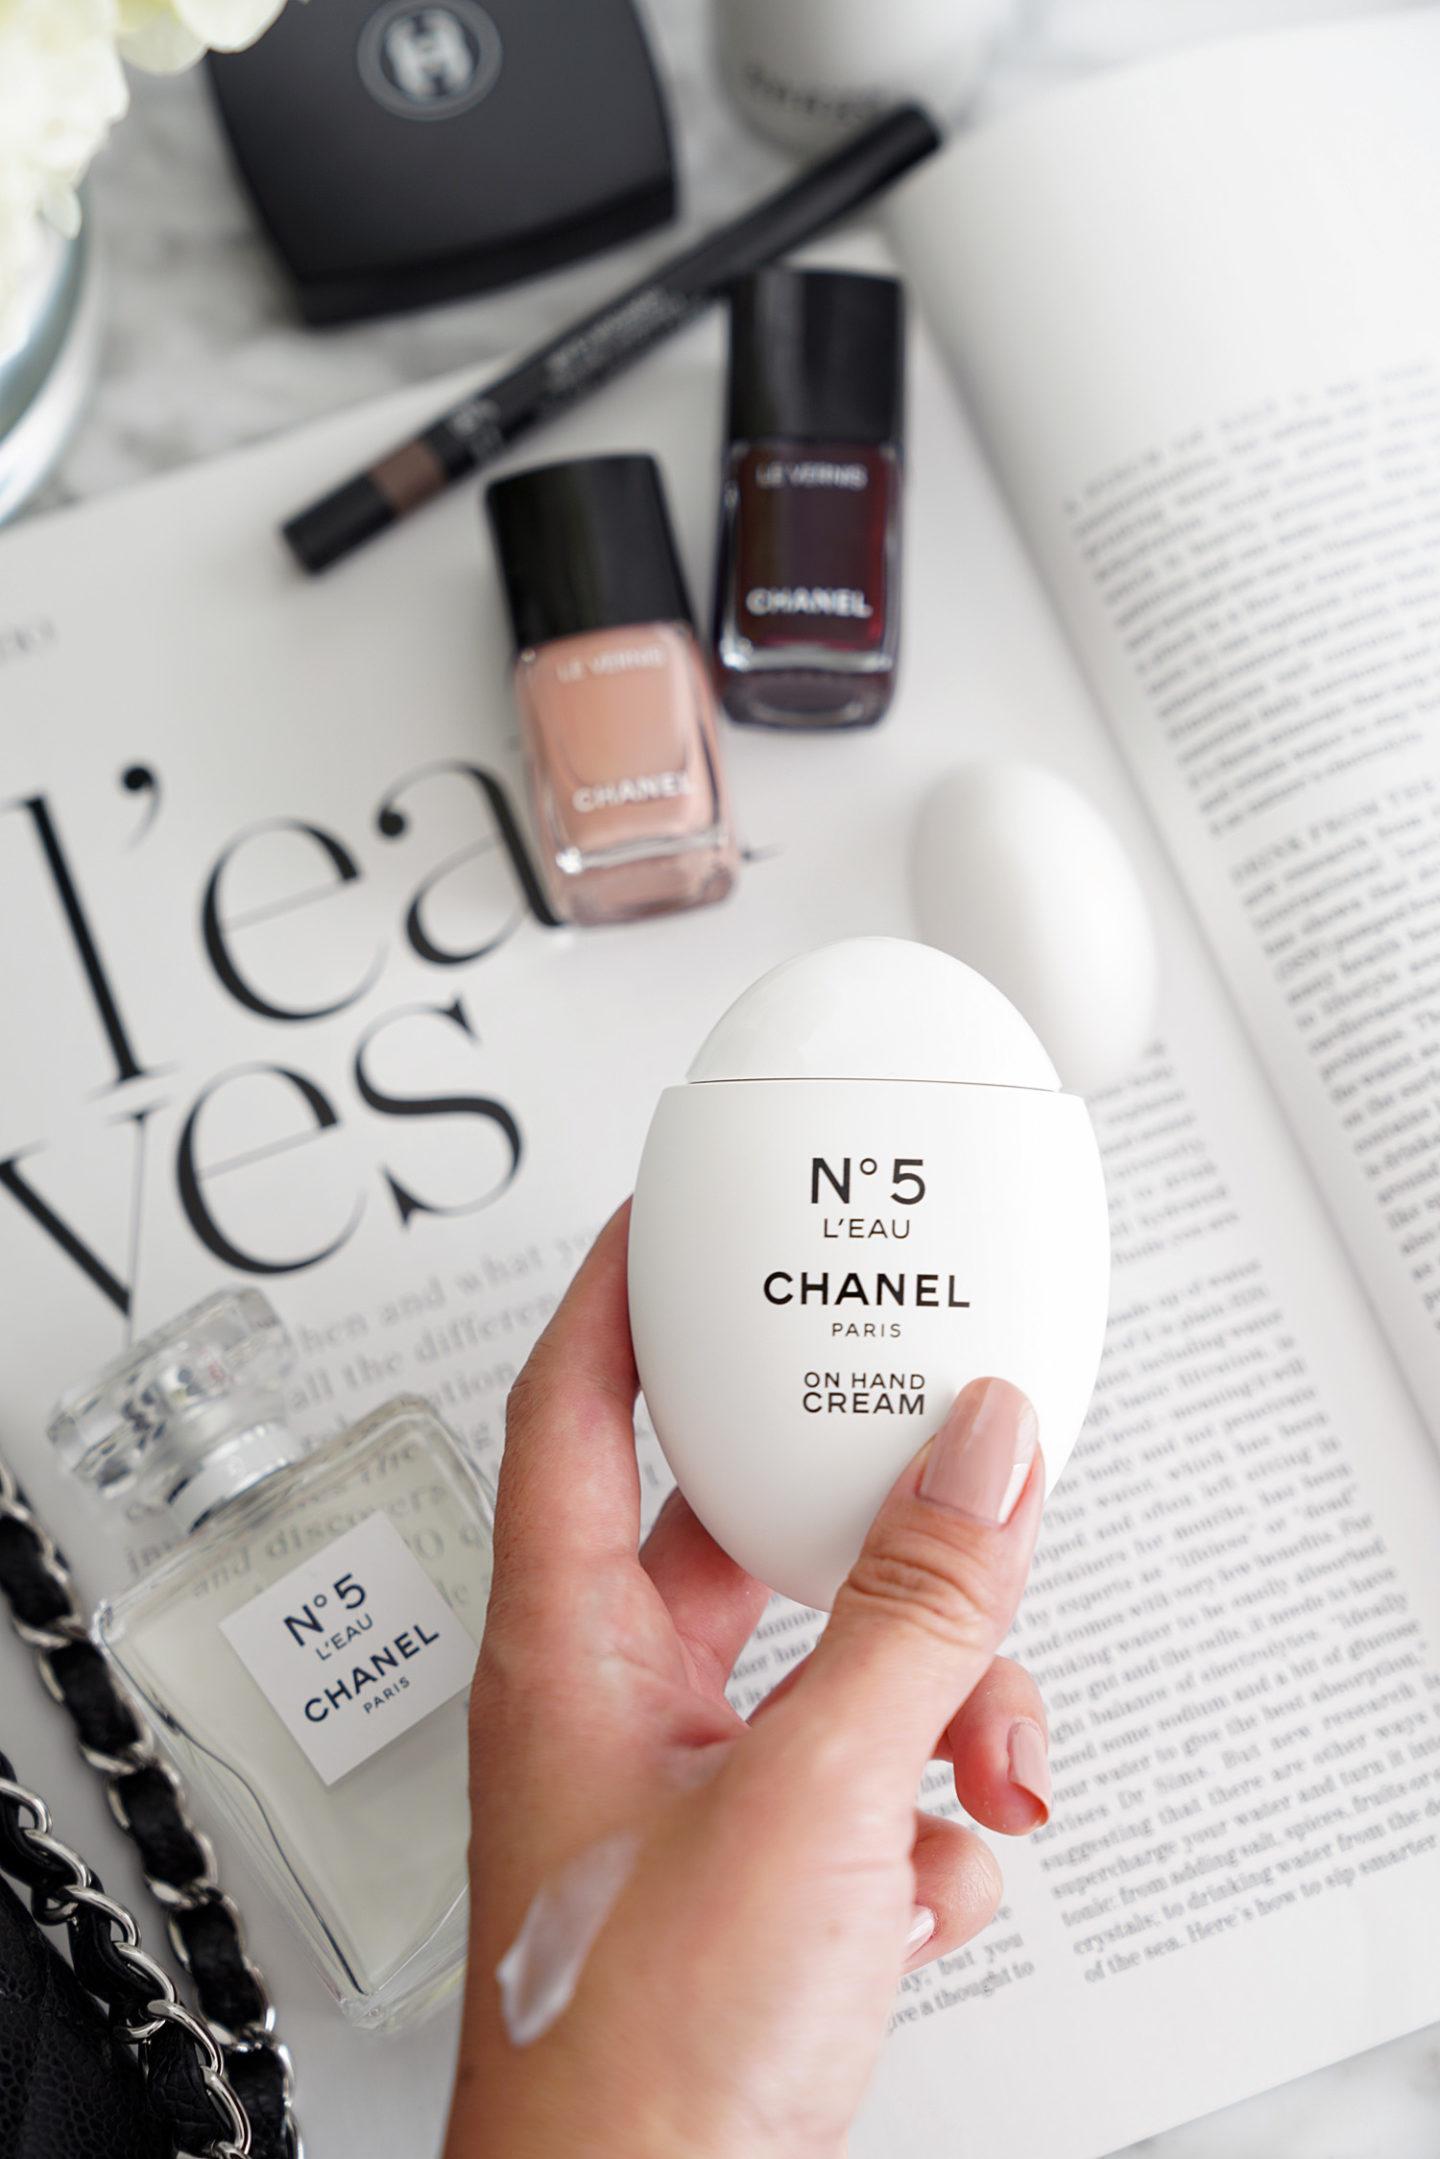 Chronique de la crème Chanel No 5 L'Eau On Hand